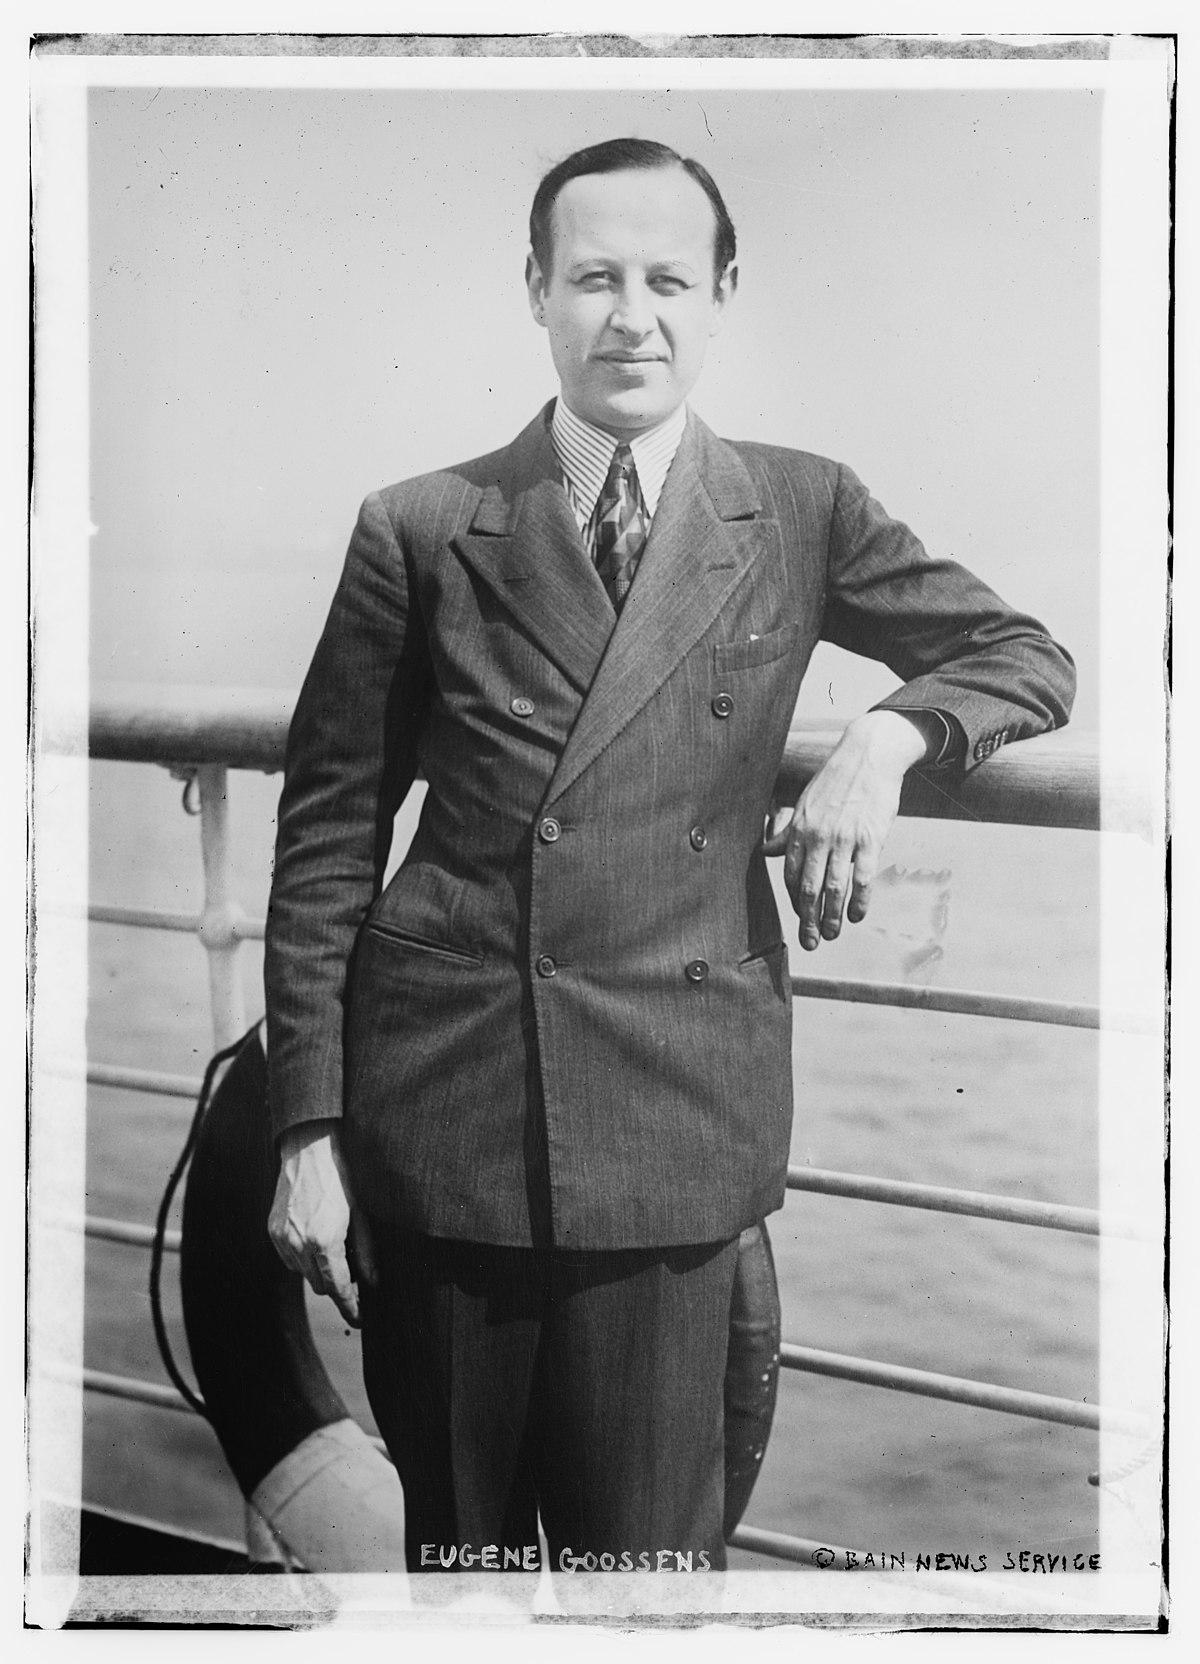 Eugene Aynsley Goossens - Wikidata